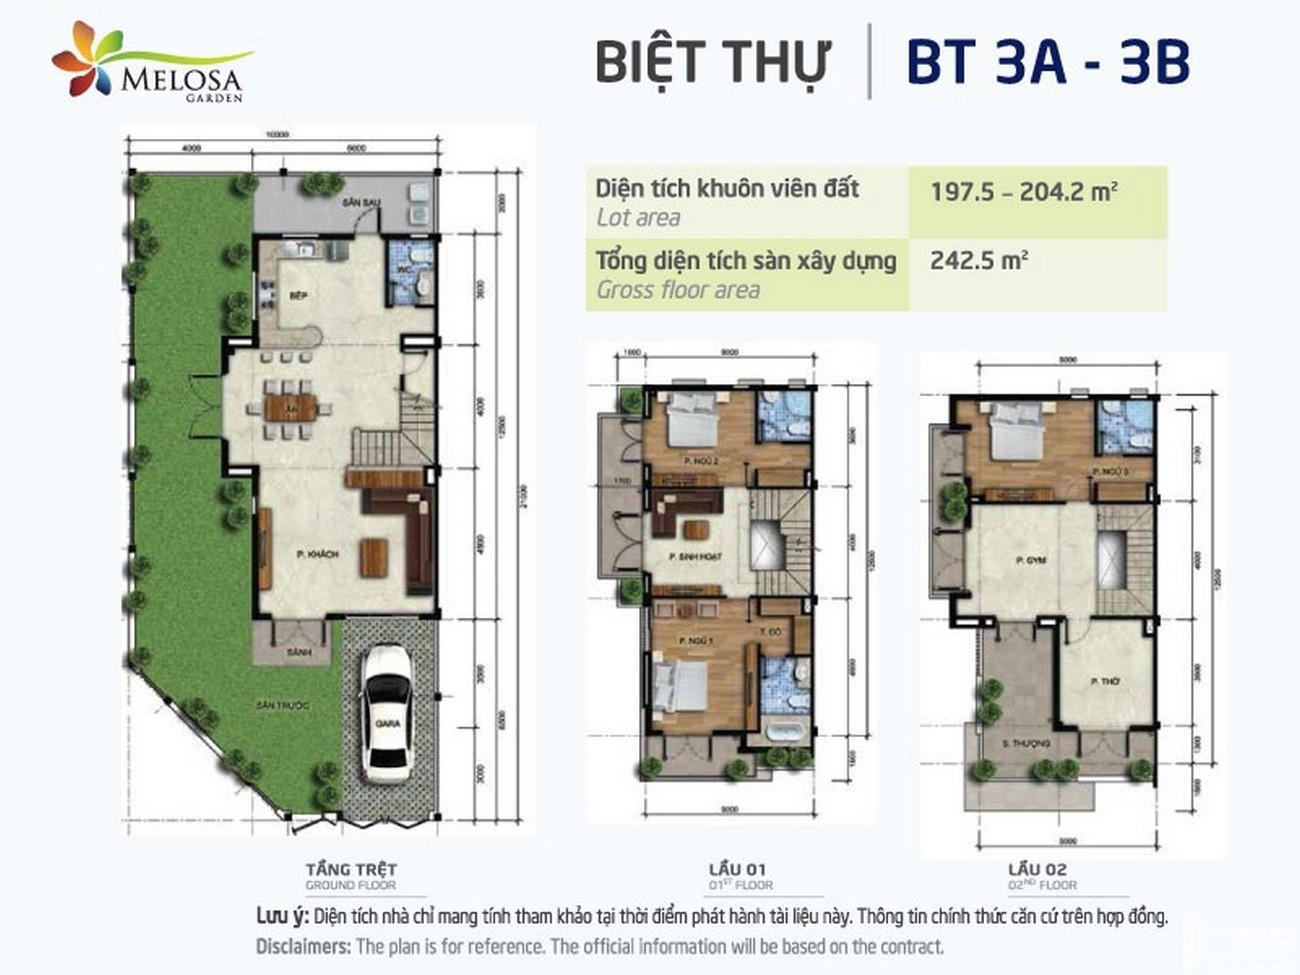 Thiết kế dự án nhà phố Melosa Garden Quận 9 Đường Vành Đai Trong chủ đầu tư Khang Điền